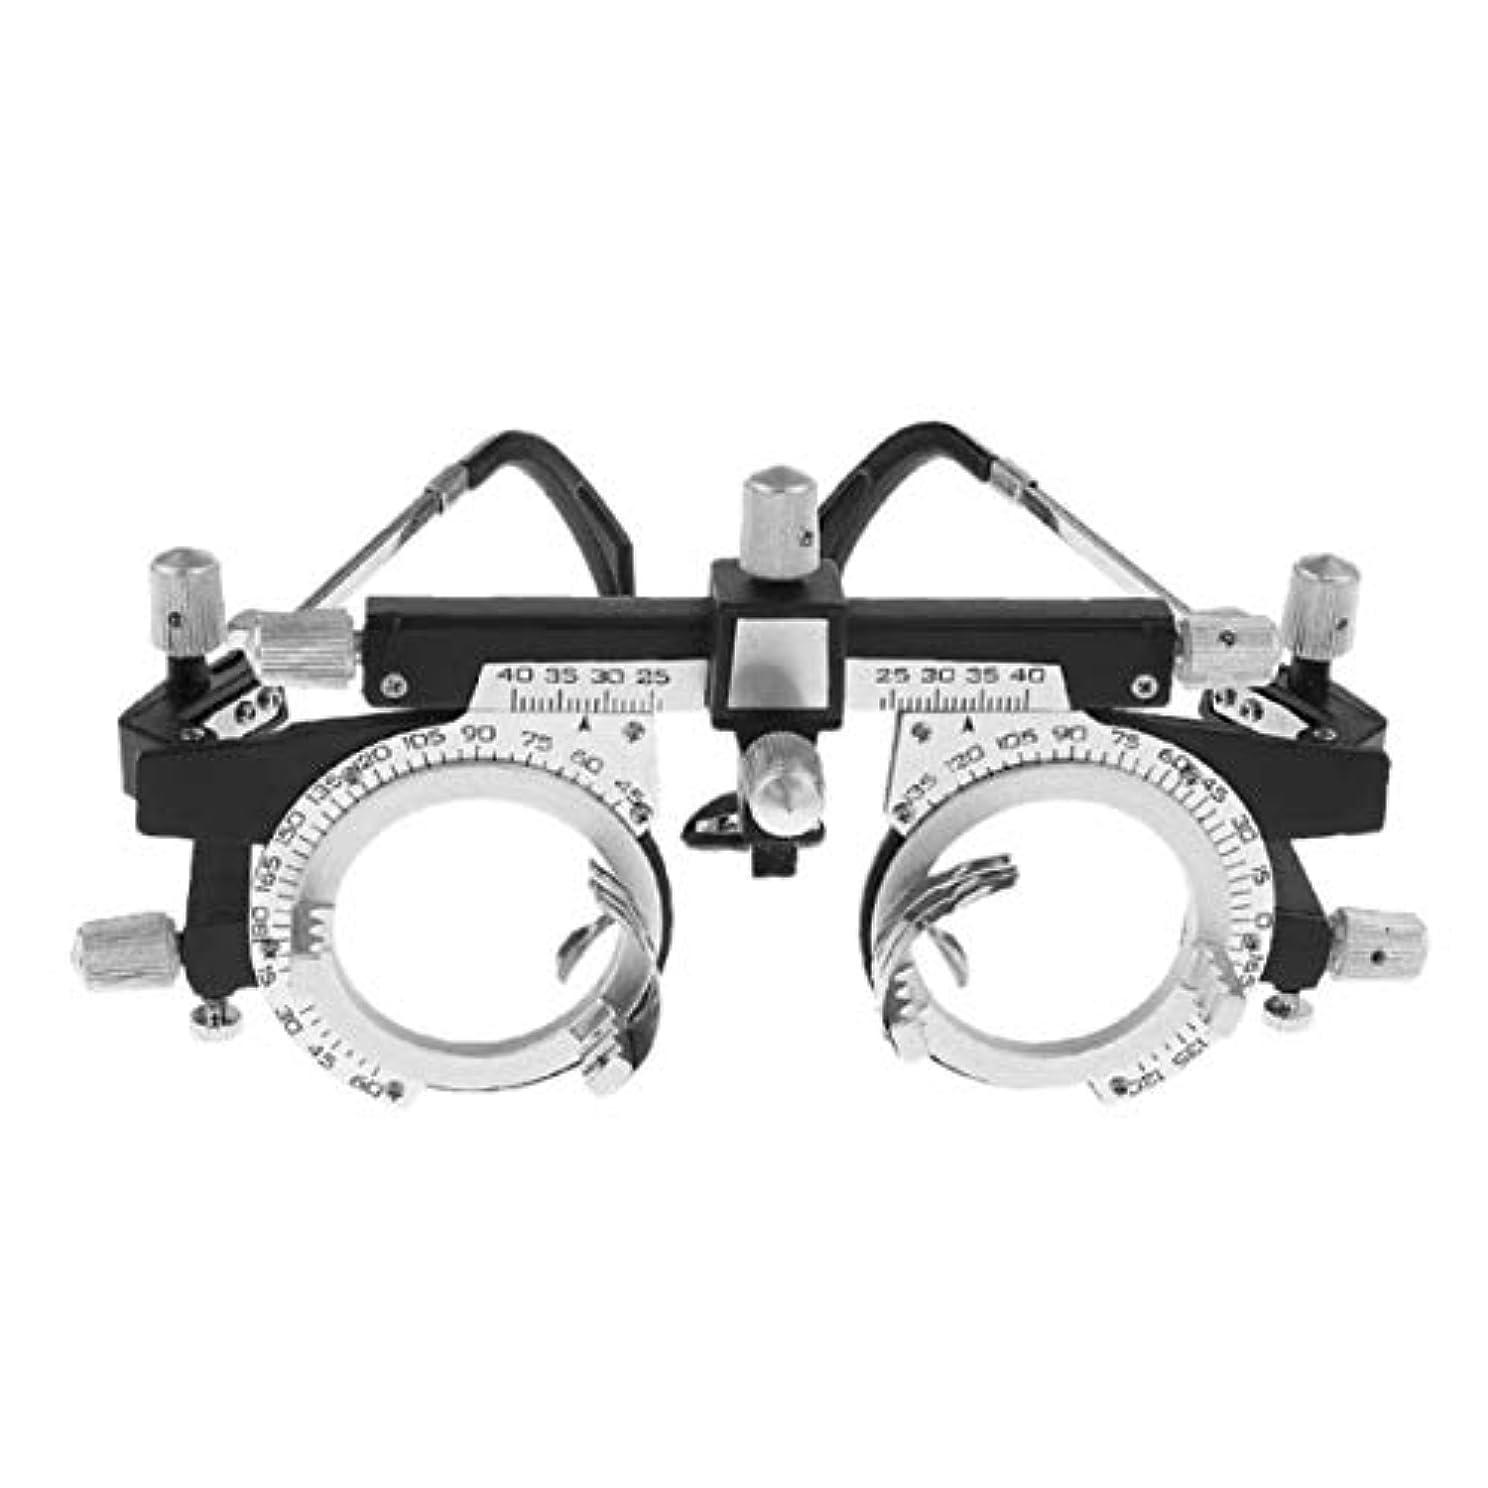 ユーモラス先行する小麦粉調節可能なプロフェッショナルアイウェア検眼メタルフレーム光学オプティクストライアルレンズメタルフレームPDメガネアクセサリー - シルバー&ブラック